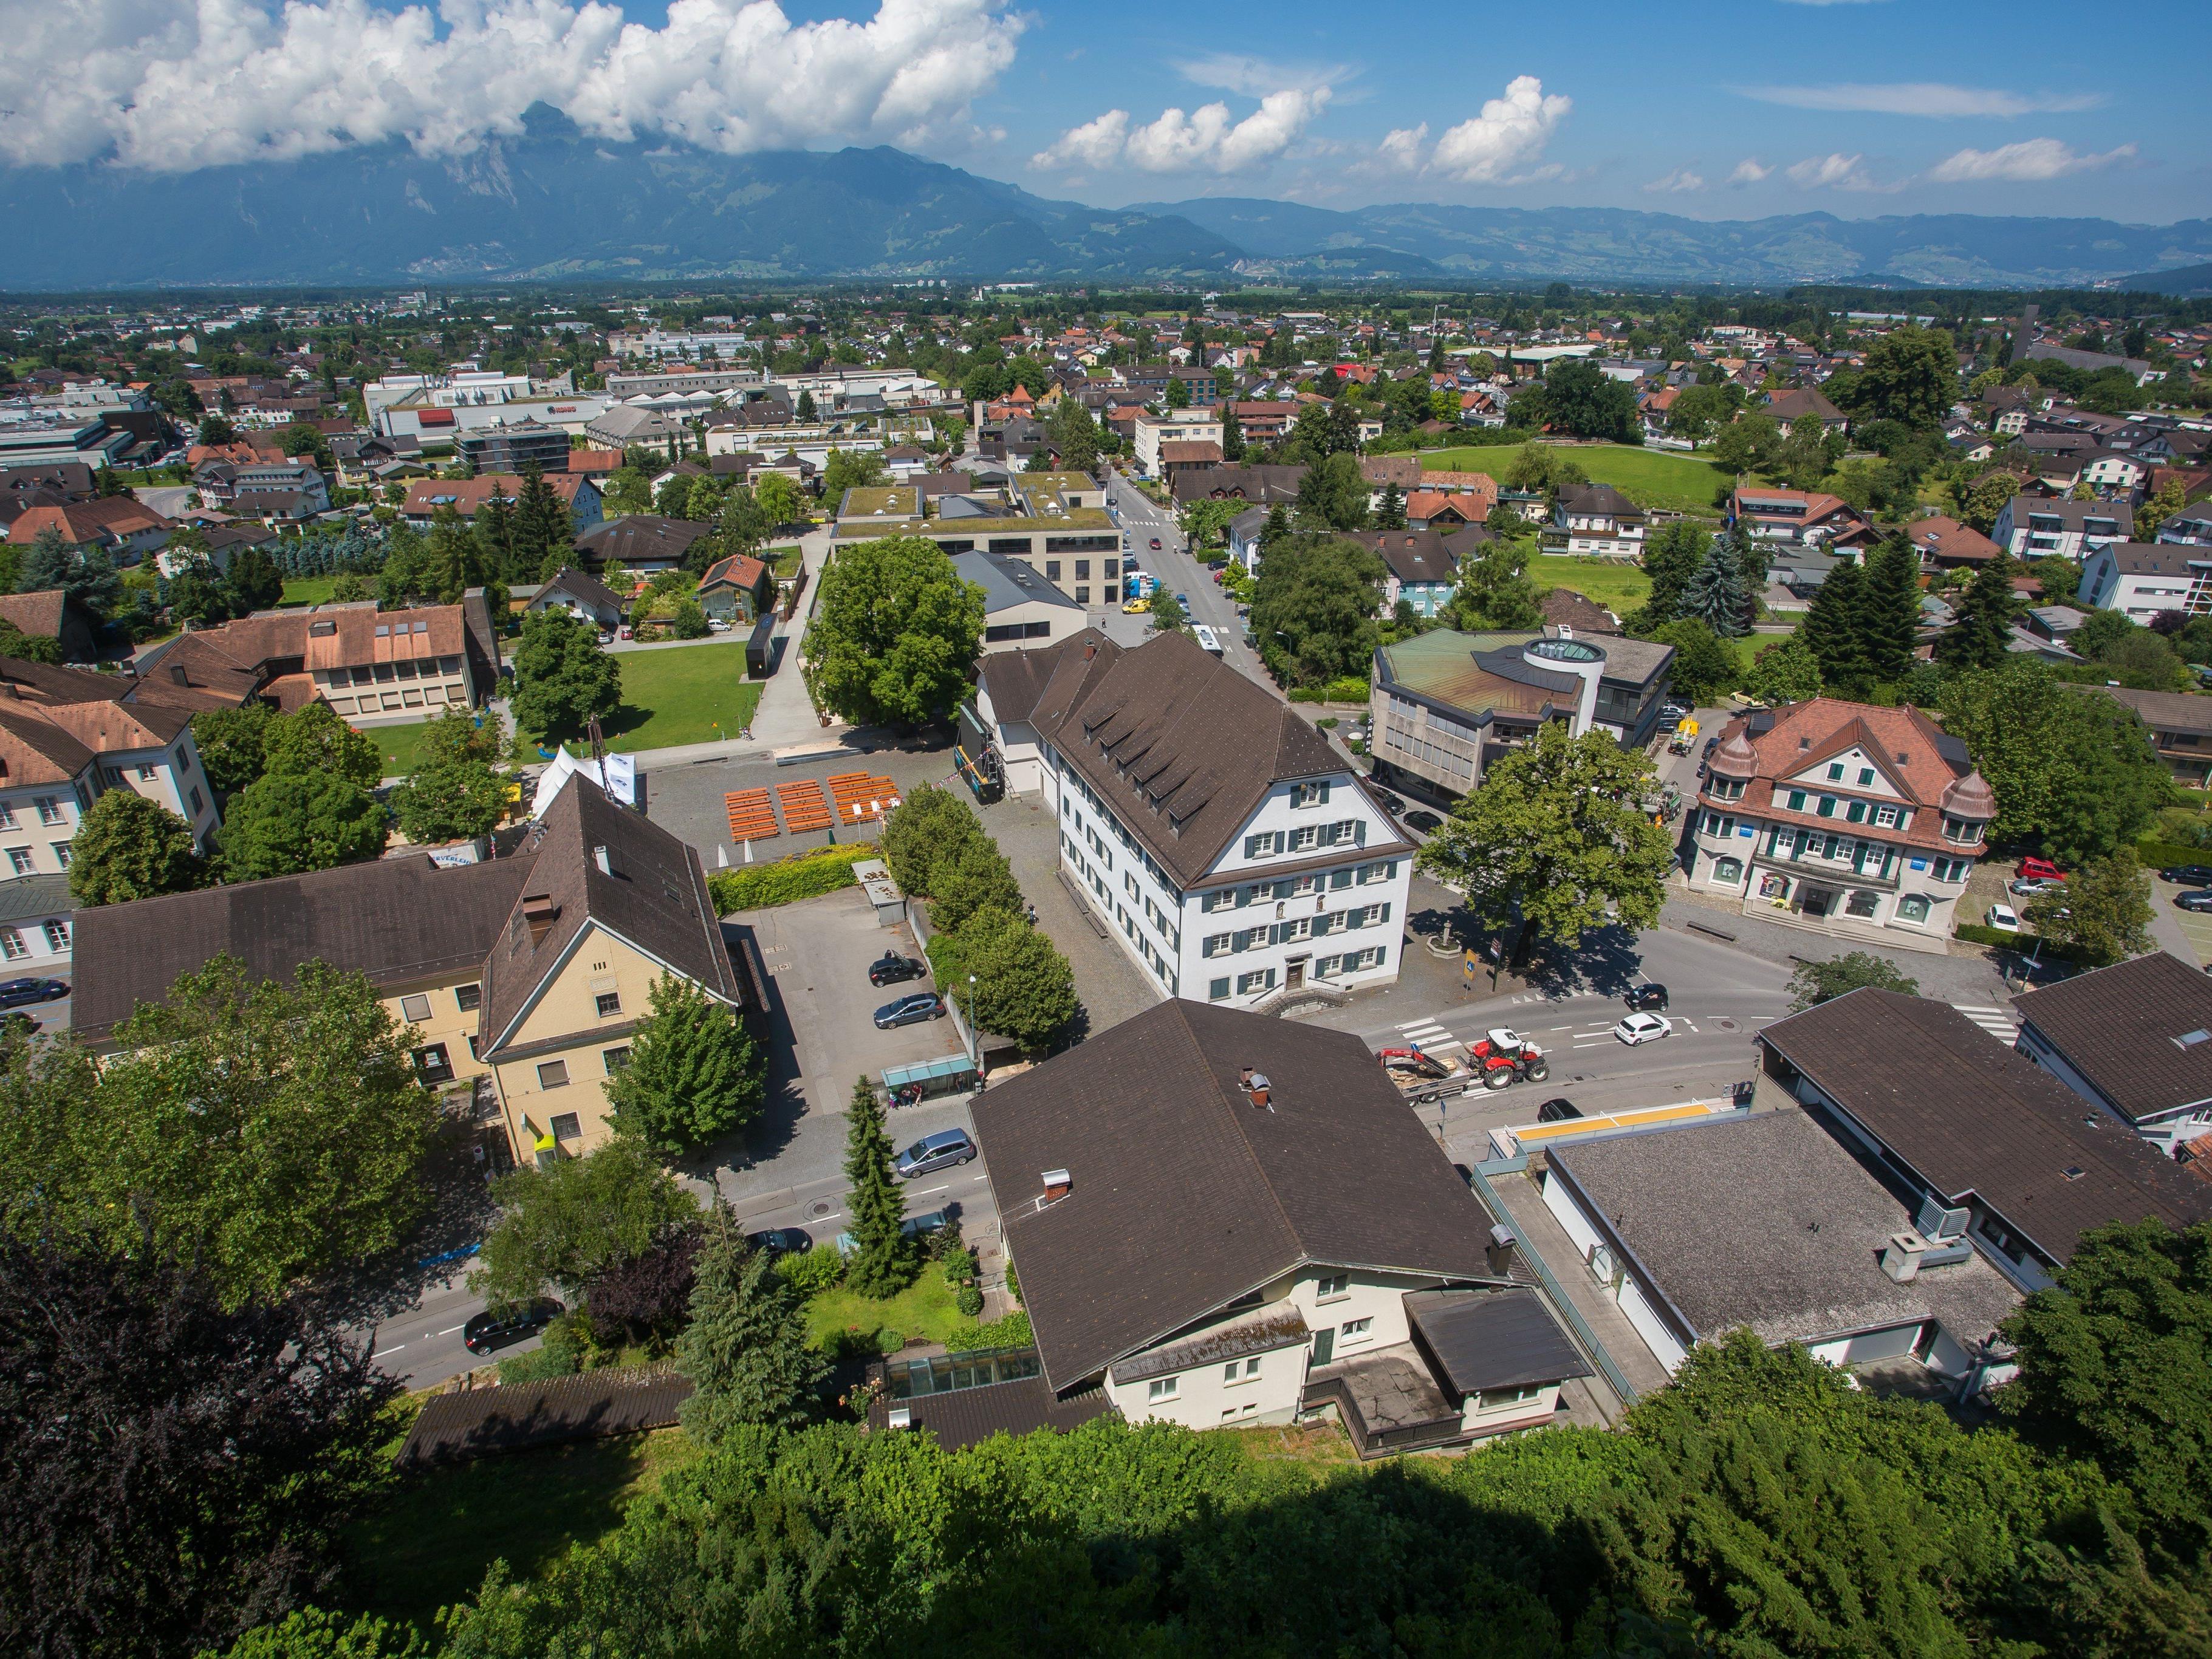 Der Rankweiler Ortskern soll attraktiver werden.